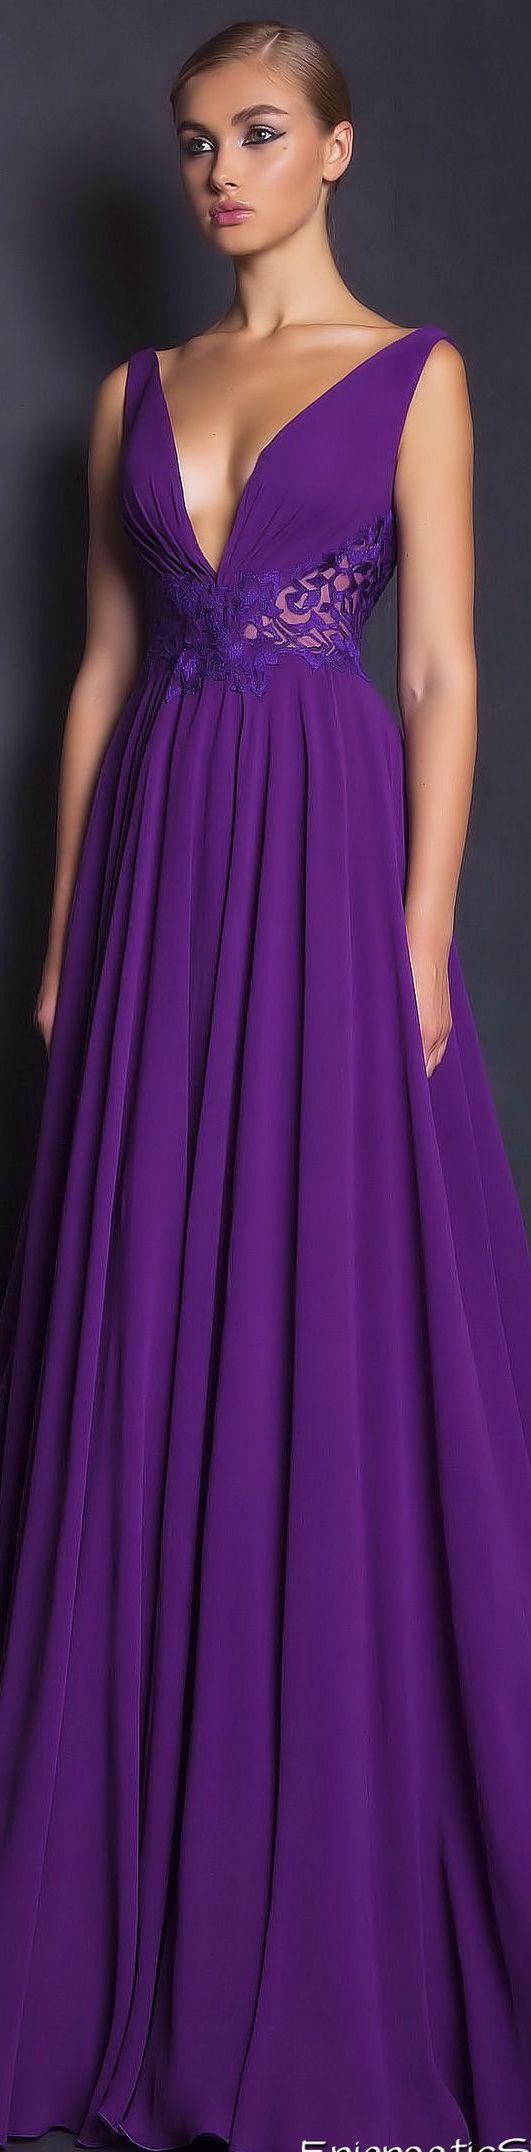 193 besten Evening Gowns & Accessories Bilder auf Pinterest ...